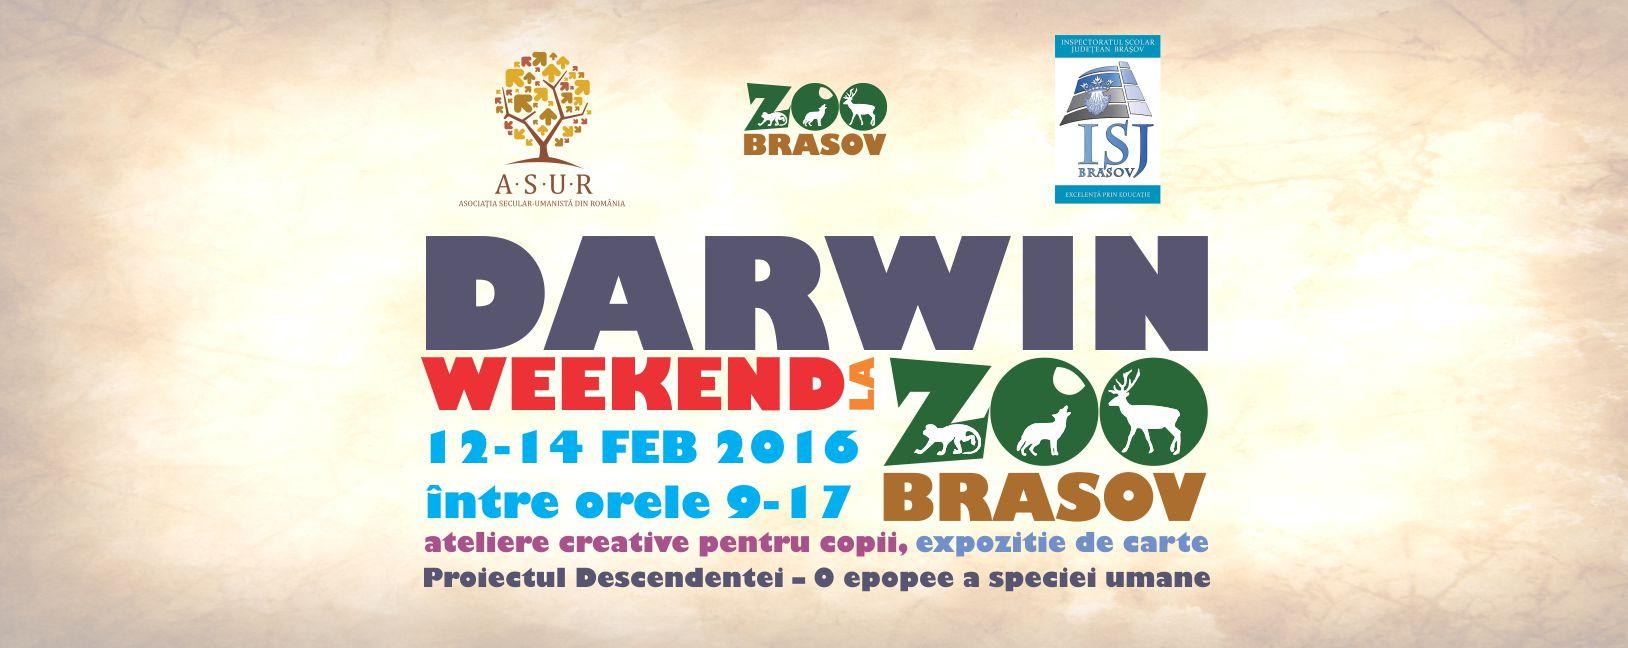 darwin-weekend-zoo-brasov-12-14-feb-2016